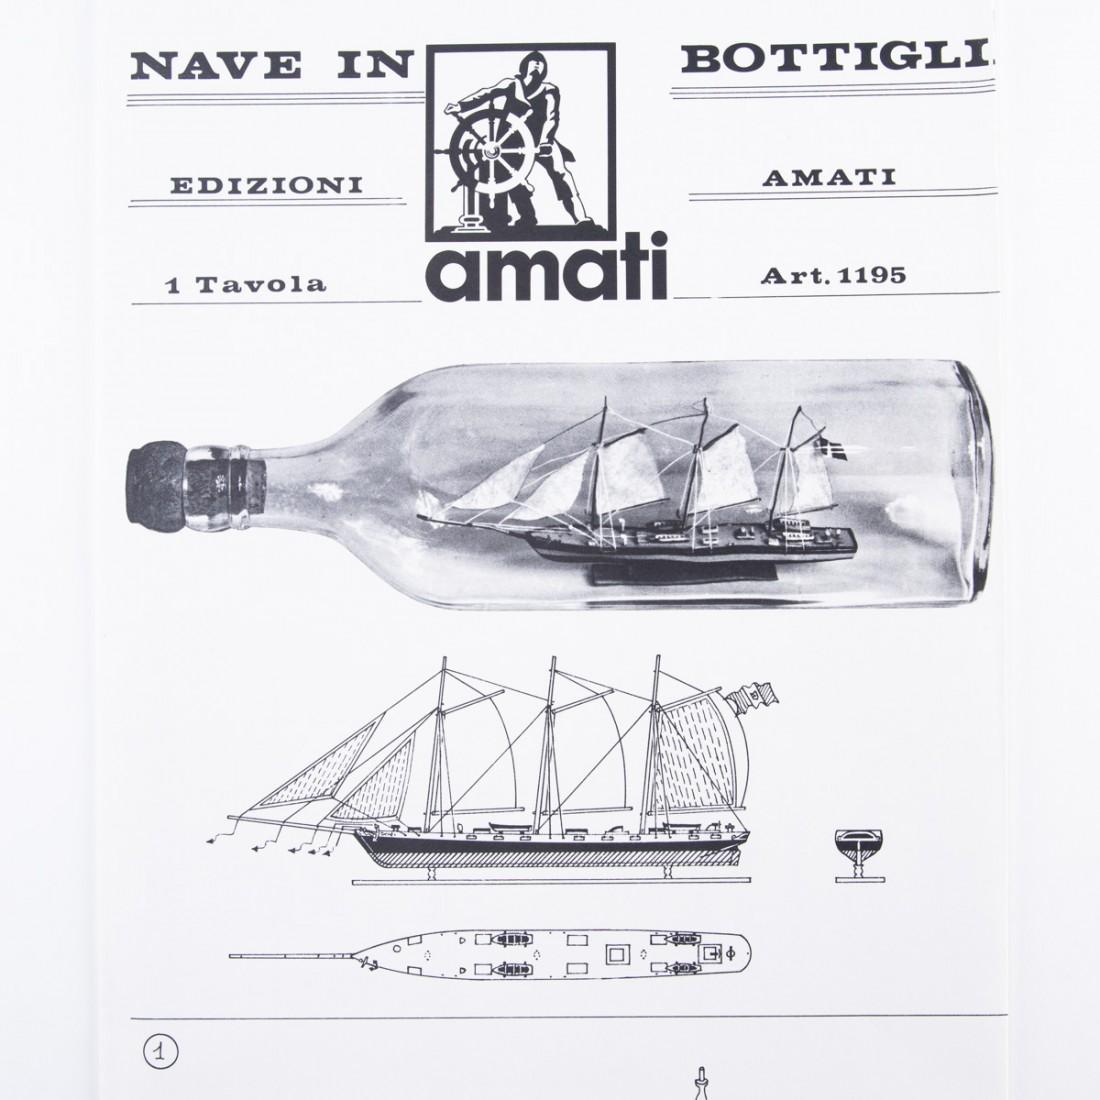 Bateau en bouteille